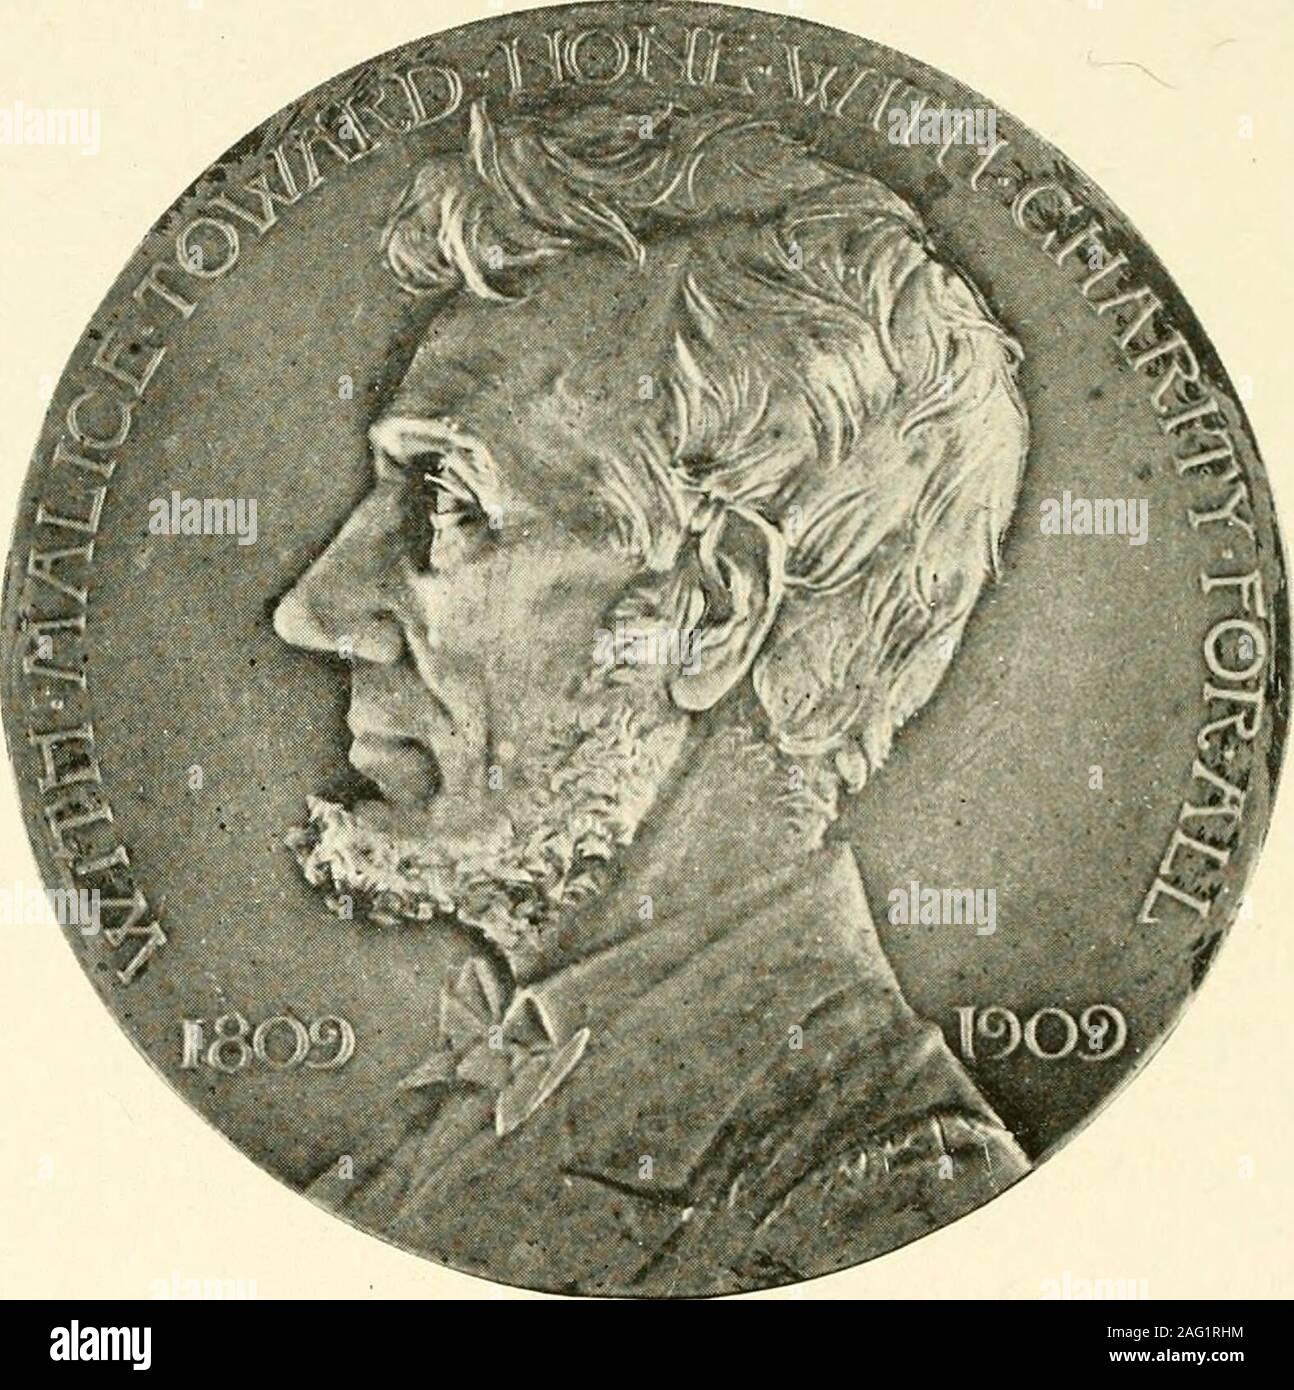 . Los poetas' Lincoln : homenajes en verso al Presidente mártir. De nuestros presidentes (véase la página 80) se sienta allí en el bajo, grosero, banqueta sin respaldo,con su sombrero alto junto a él y, por ende, a través armFlung su rodilla. Los demás handRests, planas, palm, por él hacia abajo en el asiento.So puede tener yEsop sat; así que Lincoln hizo.Para toda la tristeza en sus ojos hundidos,para todos la realeza en las cejas uncrowned,el gran forma inclina tan simpático, como padre,es una llamada a los niños. He watchedEight al mismo tiempo pululando sobre él allí,Todos aferrarse a él a caballo sobre sus rodillas,caricias entre sus brazos, claspi Foto de stock